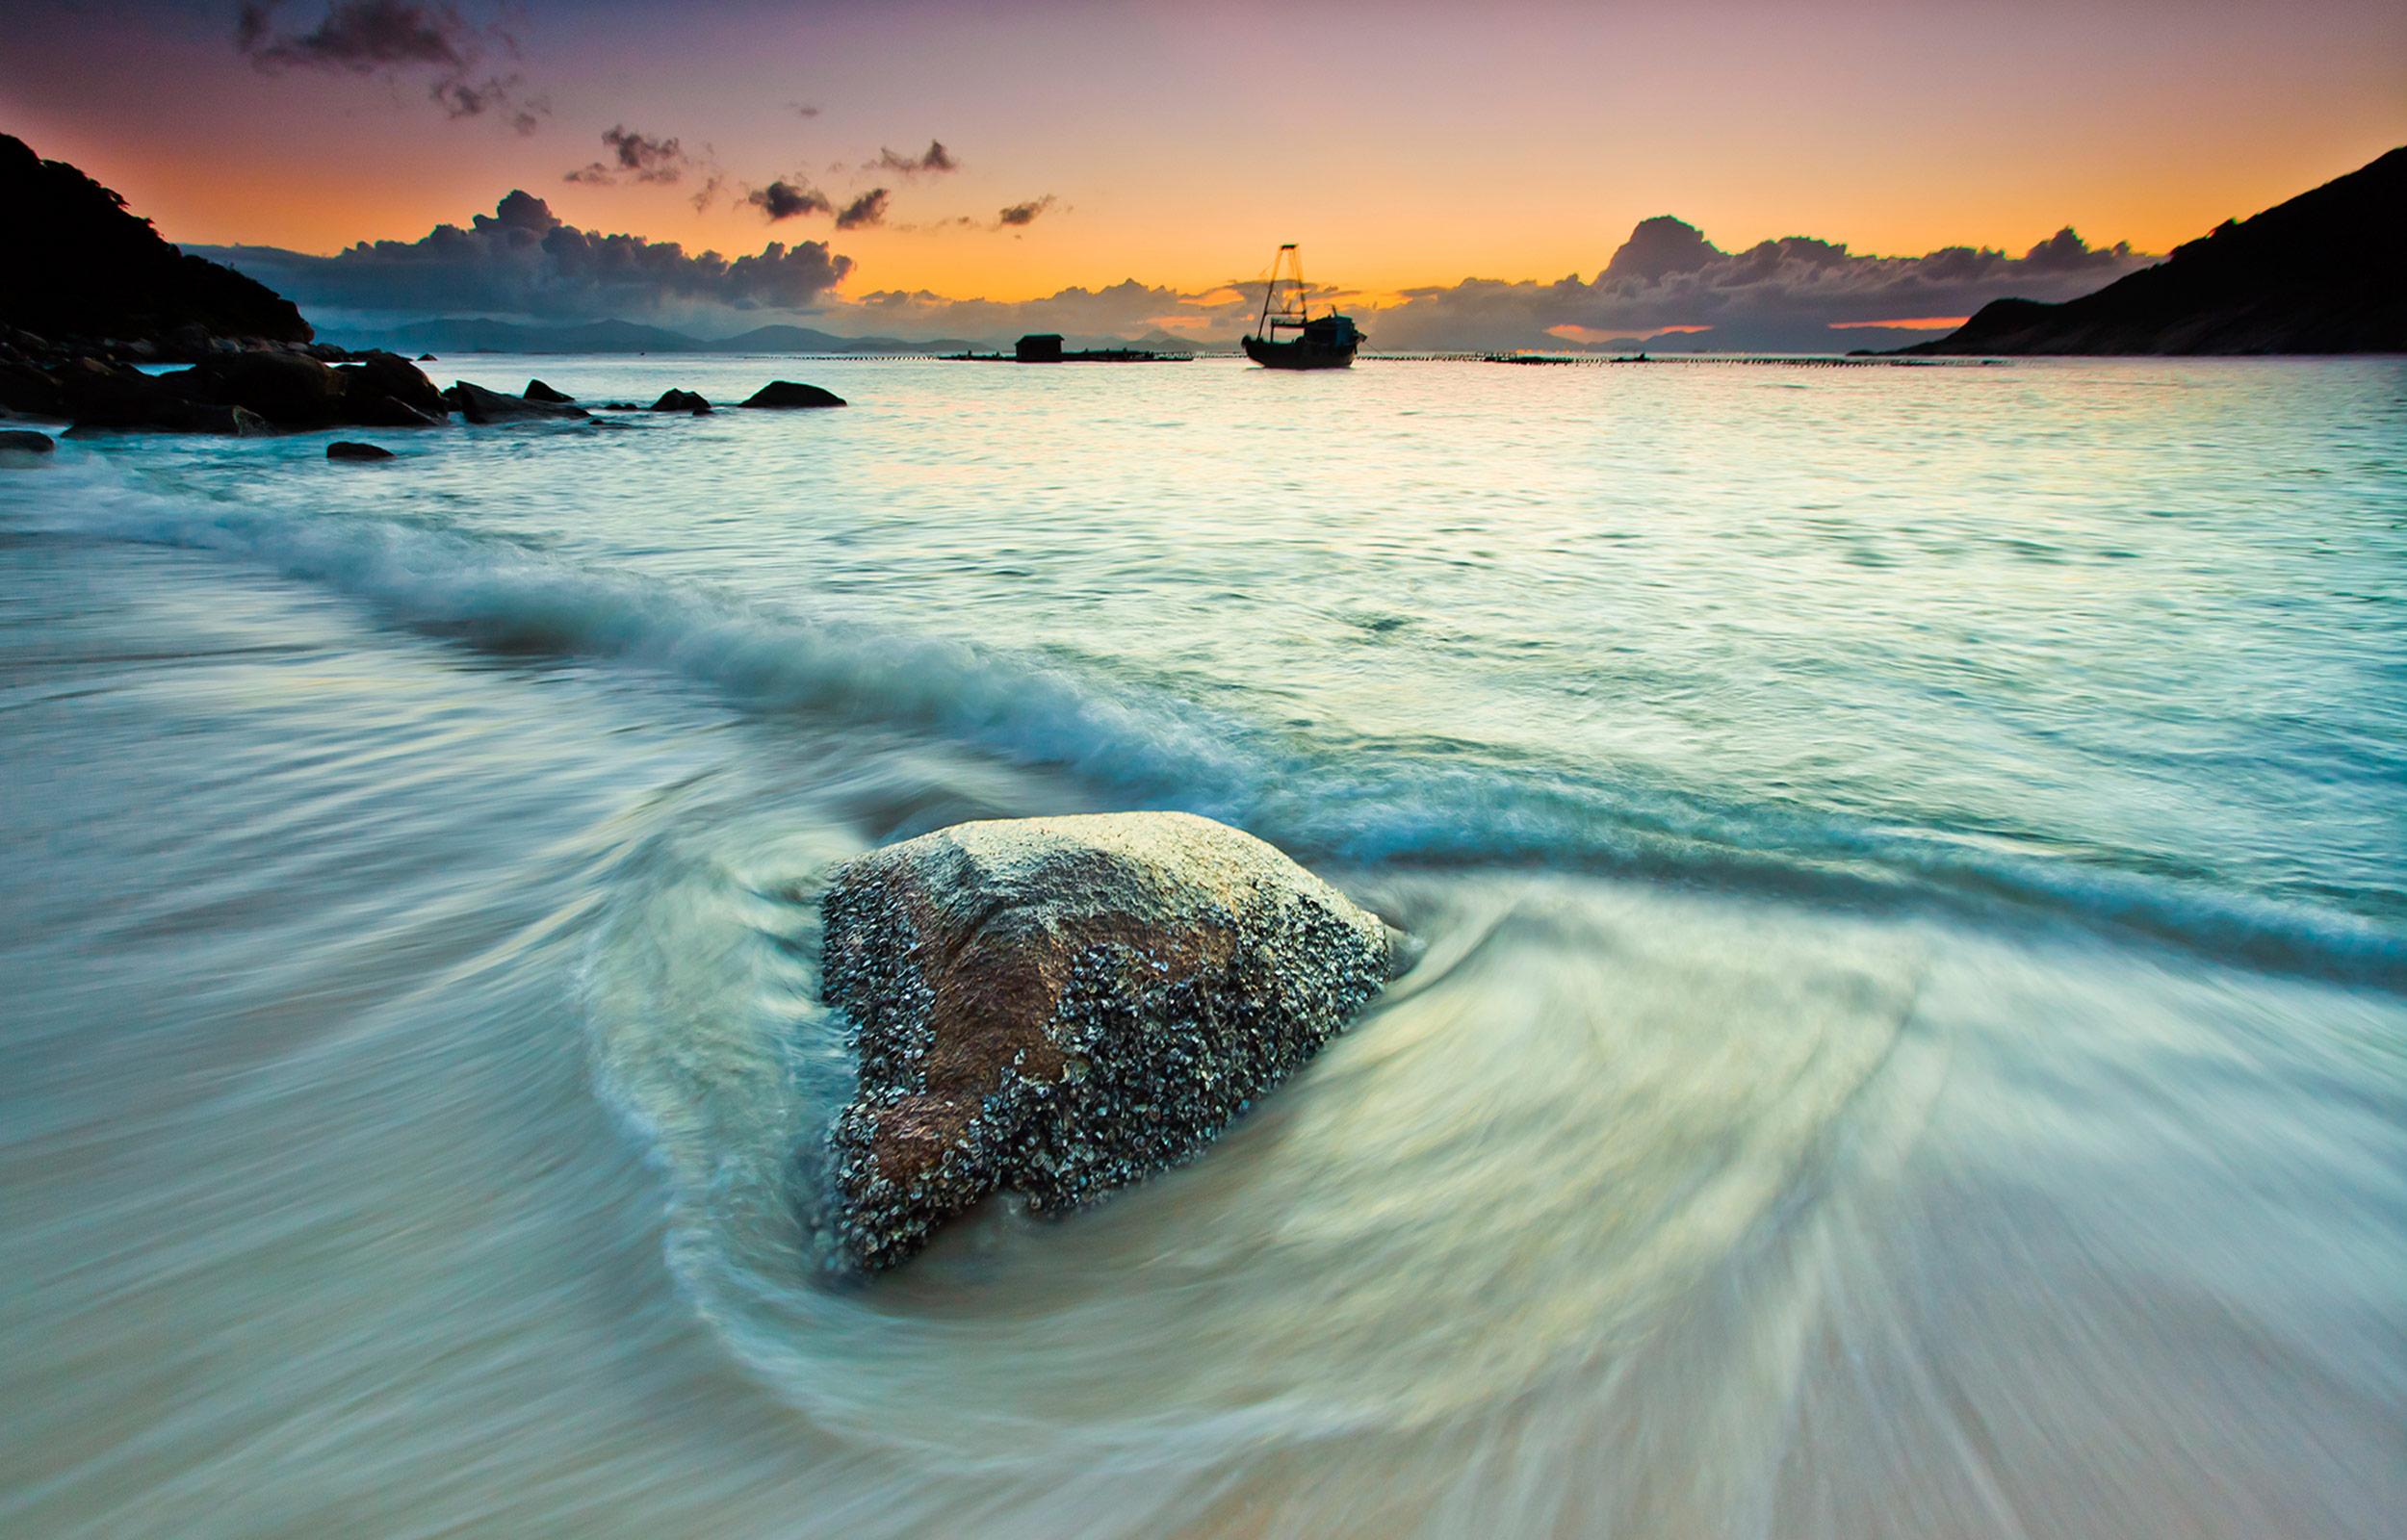 海景慢门摄影作品